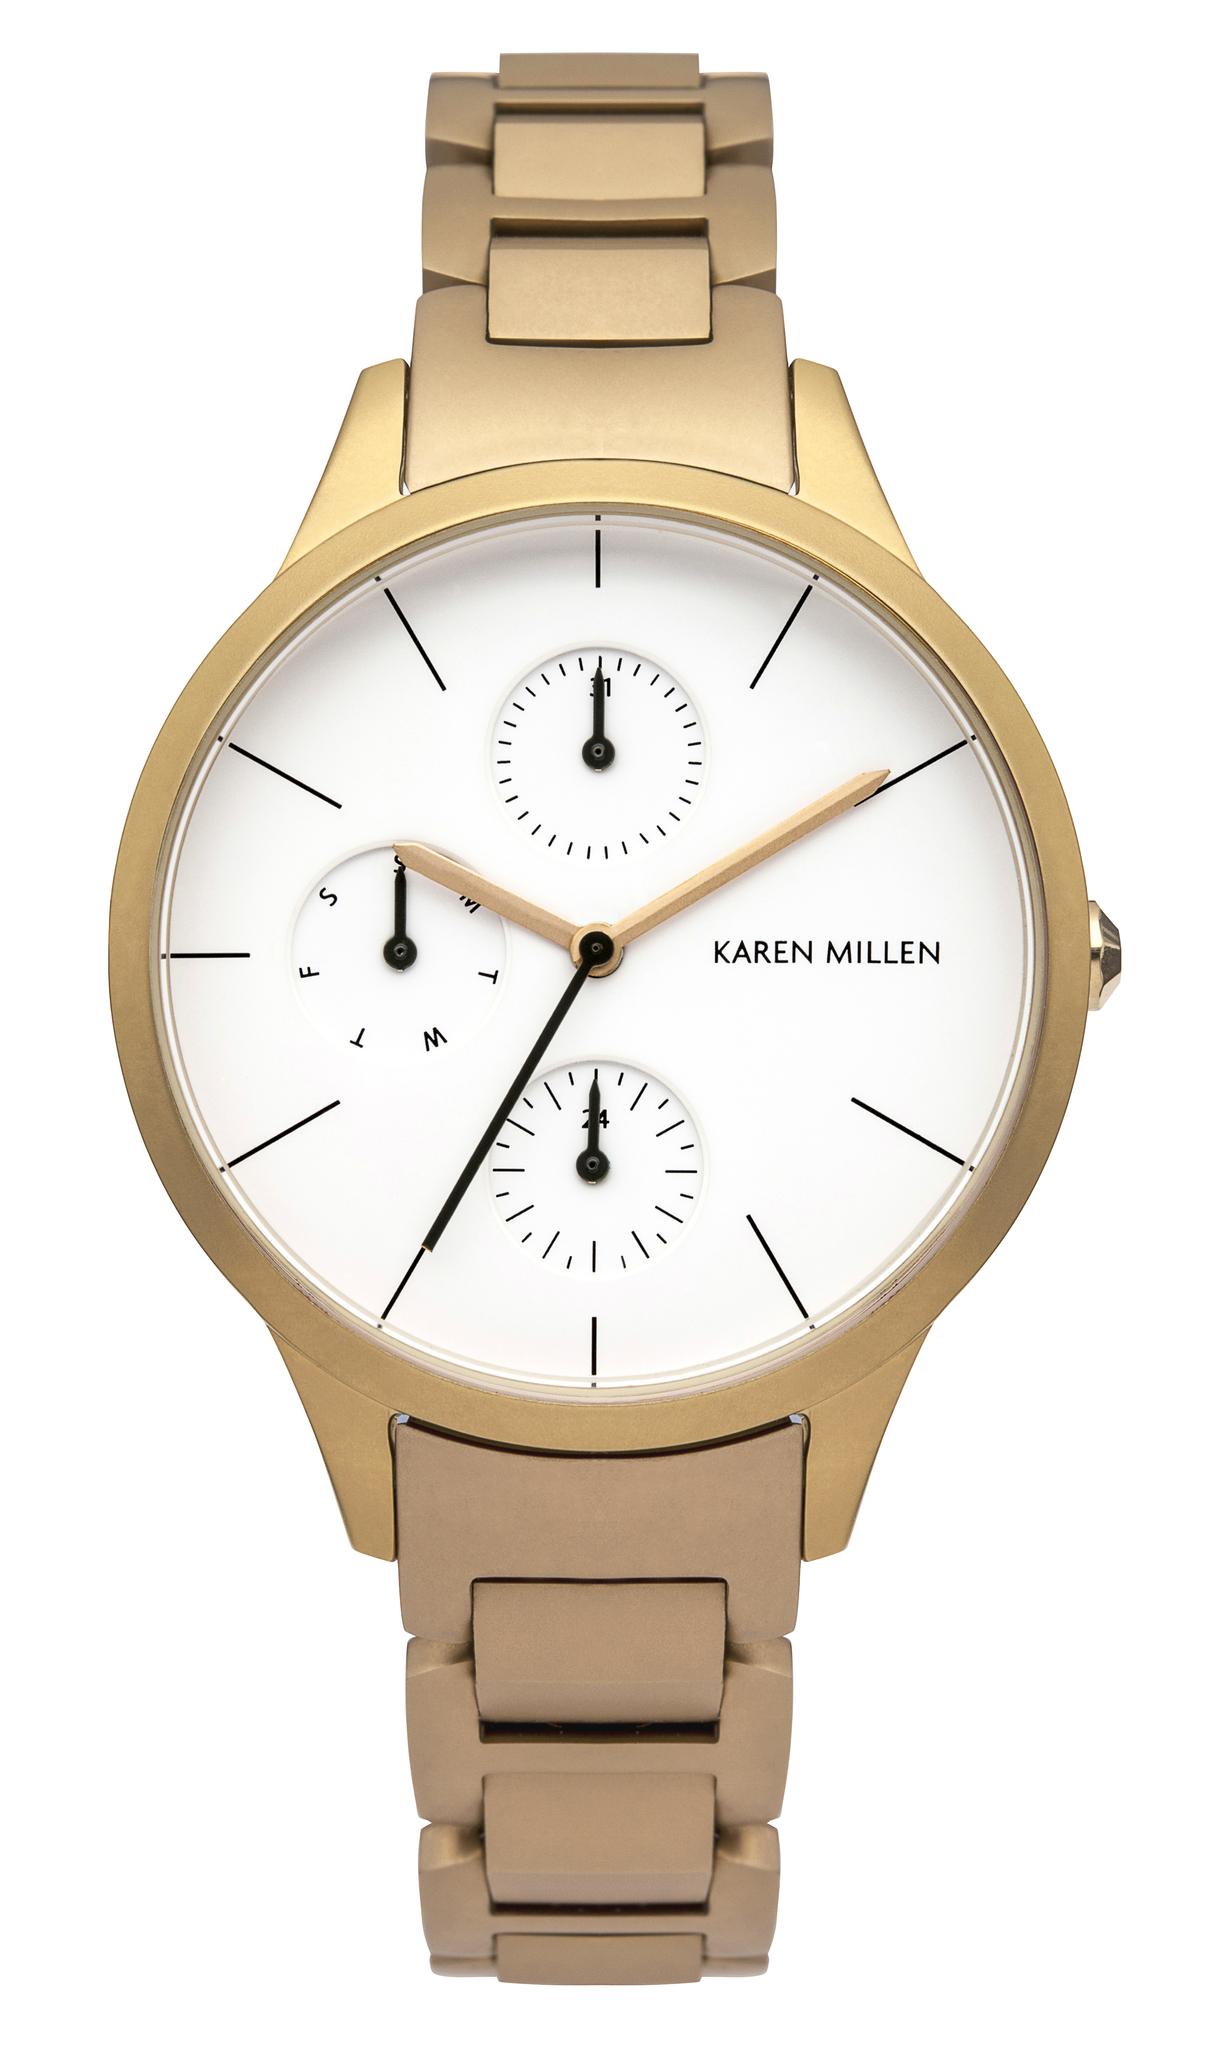 Karen Millen KM144GM - женские наручные часы из коллекции Autum6Karen Millen<br><br><br>Бренд: Karen Millen<br>Модель: Karen Millen KM144GM<br>Артикул: KM144GM<br>Вариант артикула: None<br>Коллекция: Autum6<br>Подколлекция: None<br>Страна: Великобритания<br>Пол: женские<br>Тип механизма: кварцевые<br>Механизм: Miyota 6P27<br>Количество камней: None<br>Автоподзавод: None<br>Источник энергии: от батарейки<br>Срок службы элемента питания: None<br>Дисплей: стрелки<br>Цифры: отсутствуют<br>Водозащита: WR 50<br>Противоударные: None<br>Материал корпуса: нерж. сталь, IP покрытие (полное)<br>Материал браслета: нерж. сталь, IP покрытие (полное)<br>Материал безеля: None<br>Стекло: минеральное<br>Антибликовое покрытие: None<br>Цвет корпуса: None<br>Цвет браслета: None<br>Цвет циферблата: None<br>Цвет безеля: None<br>Размеры: 34x8 мм<br>Диаметр: None<br>Диаметр корпуса: None<br>Толщина: None<br>Ширина ремешка: None<br>Вес: None<br>Спорт-функции: None<br>Подсветка: None<br>Вставка: None<br>Отображение даты: число, день недели<br>Хронограф: None<br>Таймер: None<br>Термометр: None<br>Хронометр: None<br>GPS: None<br>Радиосинхронизация: None<br>Барометр: None<br>Скелетон: None<br>Дополнительная информация: None<br>Дополнительные функции: None